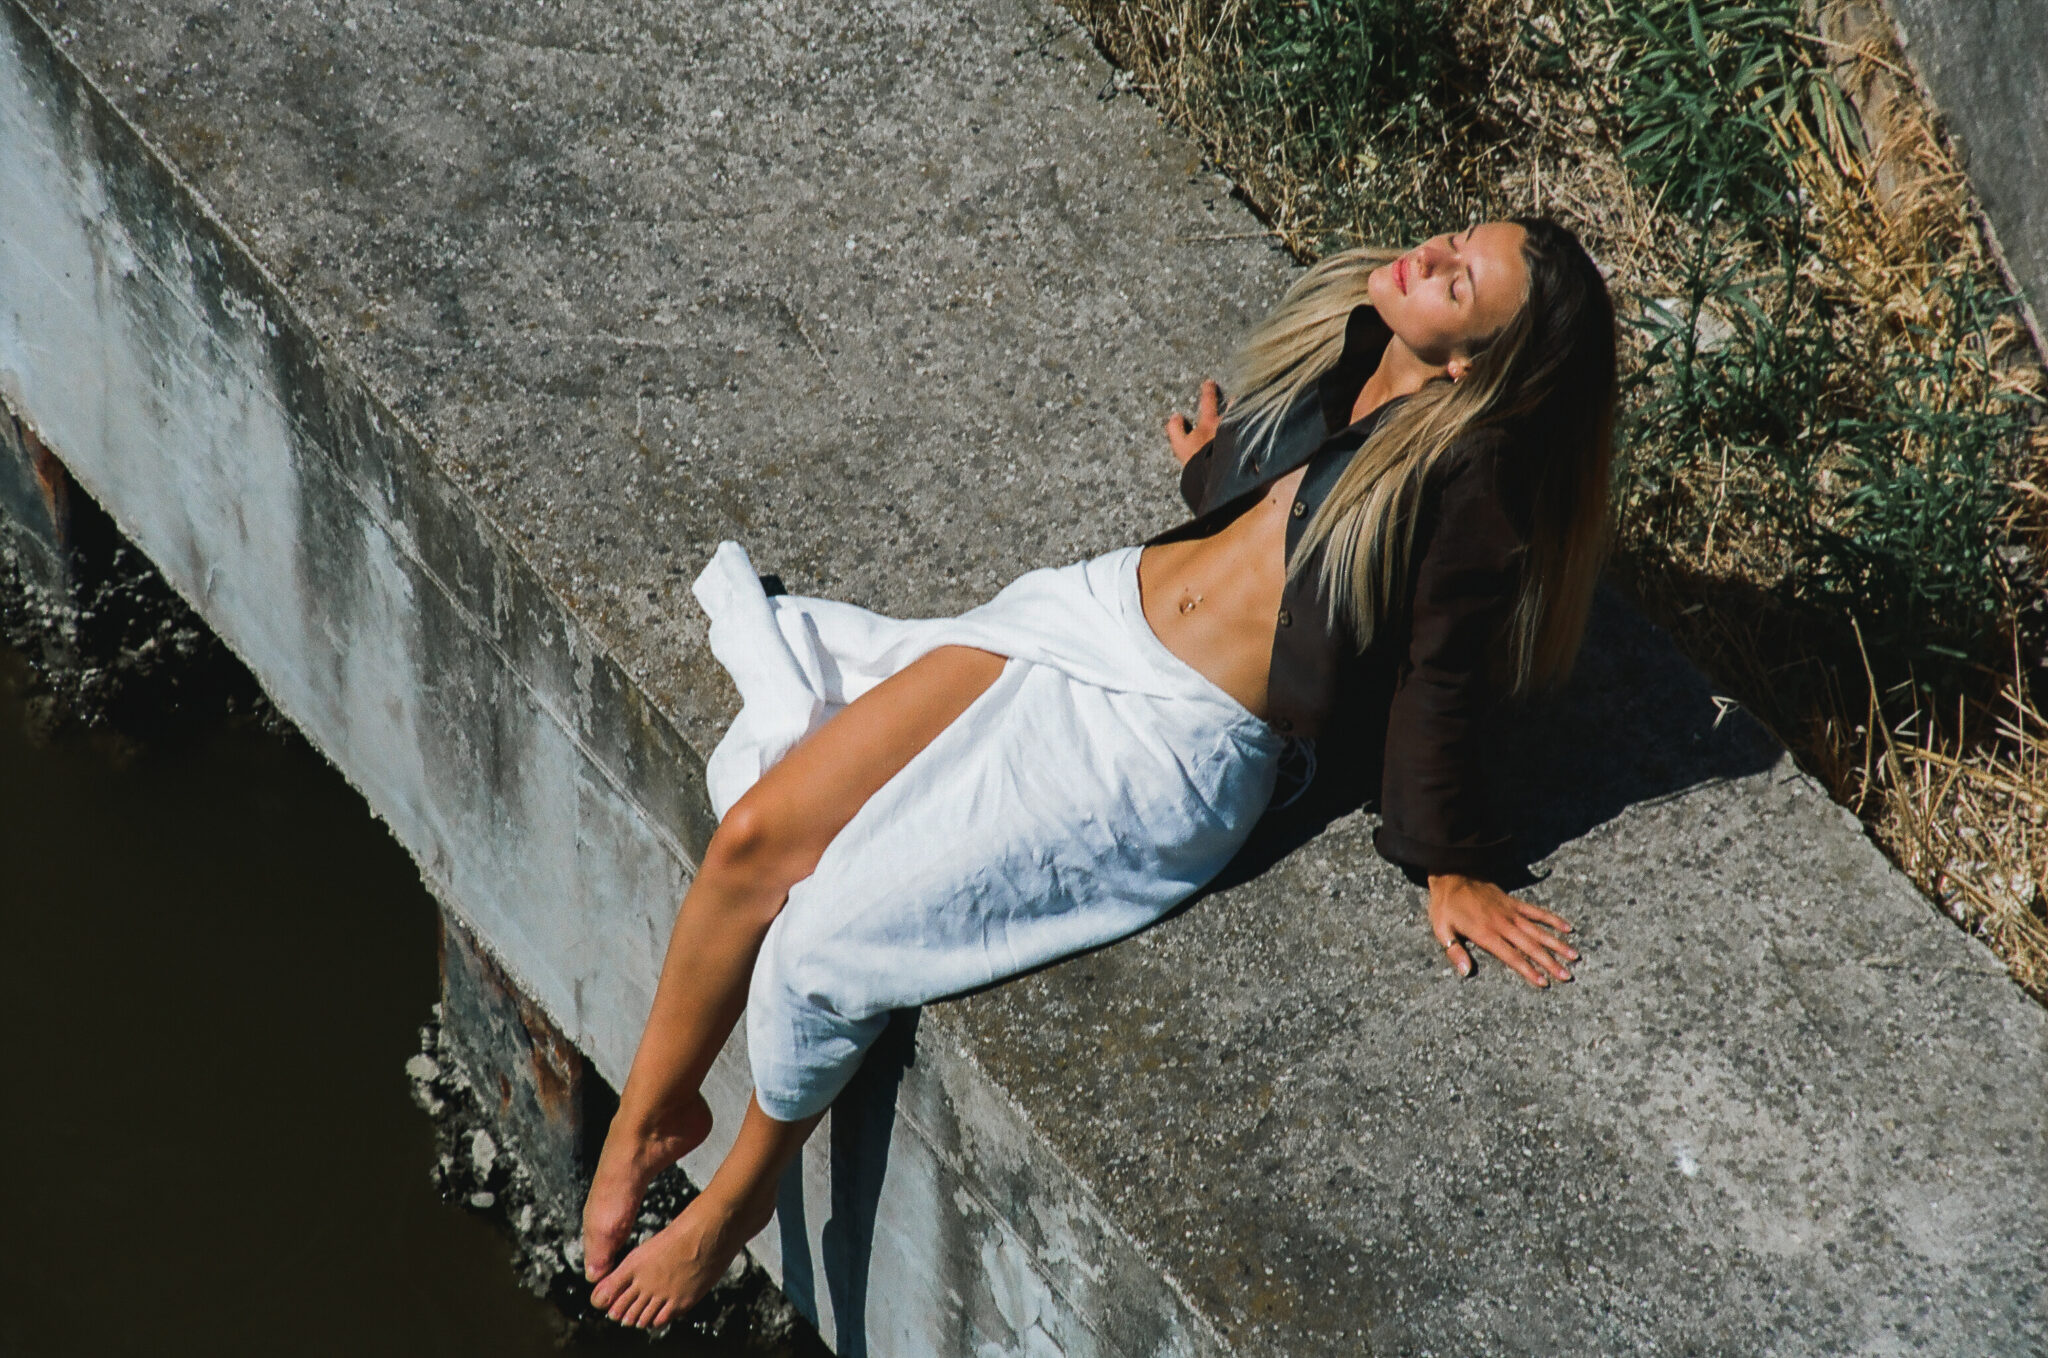 Modella bionda con gonna a portafoglio bianca, giacca di pelle marrone, prende il sole seduta su un argine, fotografia analogica